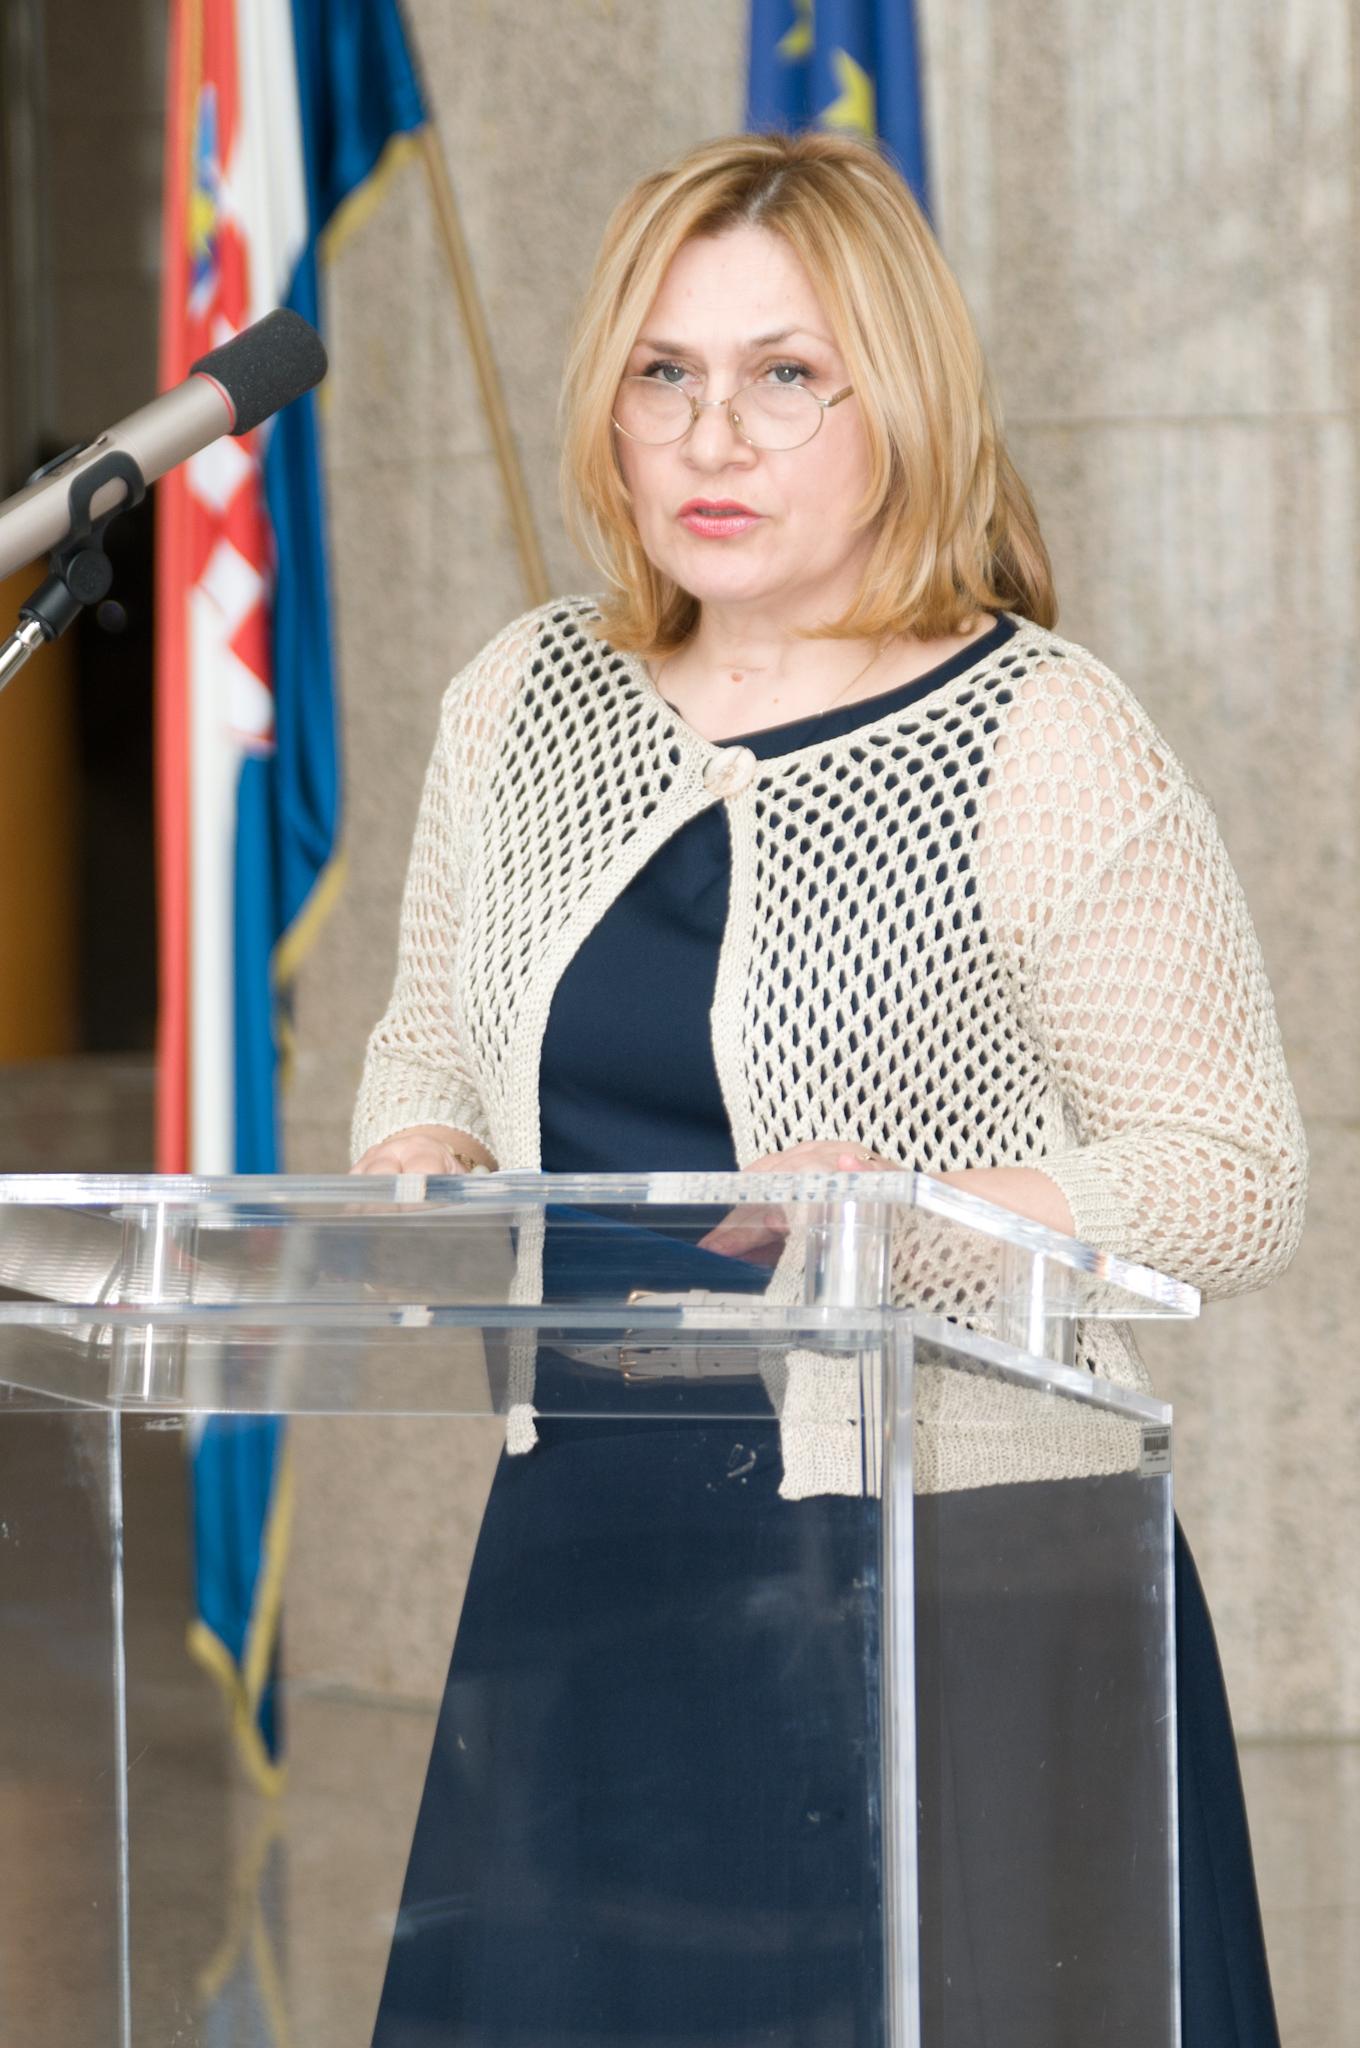 Tatijana Petrić, glavna ravnateljica Nacionalne i sveučilišne knjižnice u Zagrebu, na otvorenju izložbe NSK u povodu 200. obljetnice rođenja Ivana Kukuljevića Sakcinskoga.